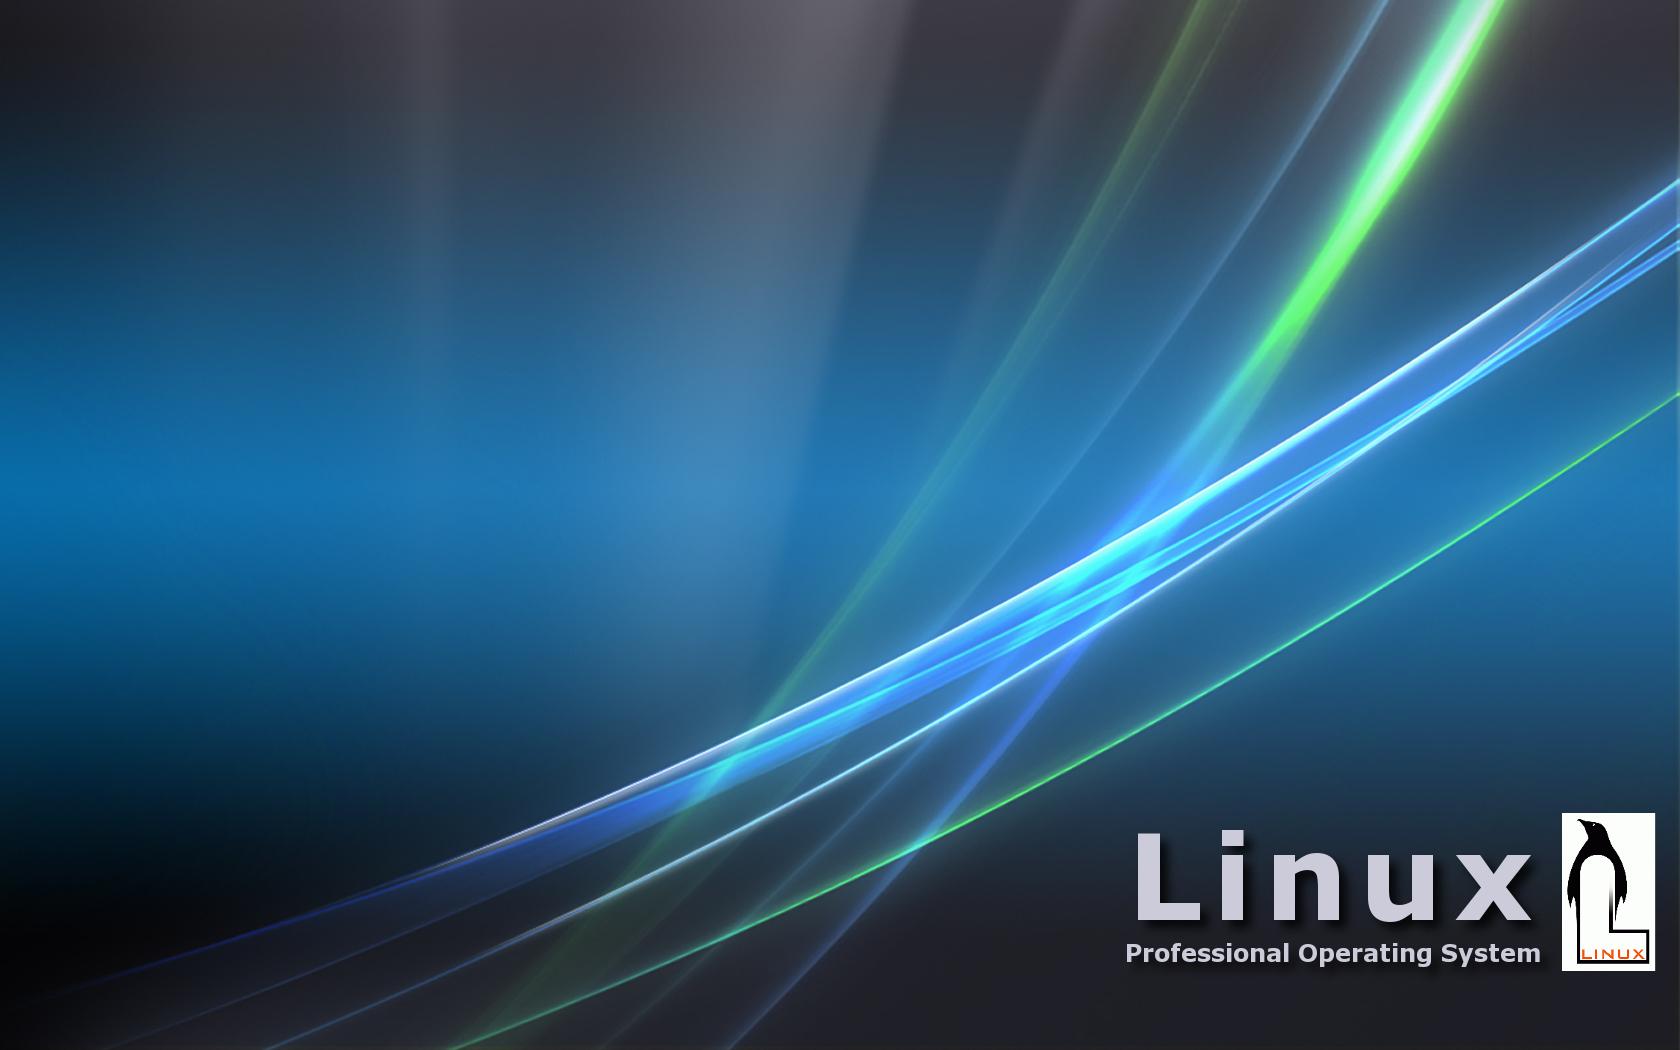 Cute Mint Green Wallpaper Linux Wallpaper High Resolution Background 5312 Wallpaper